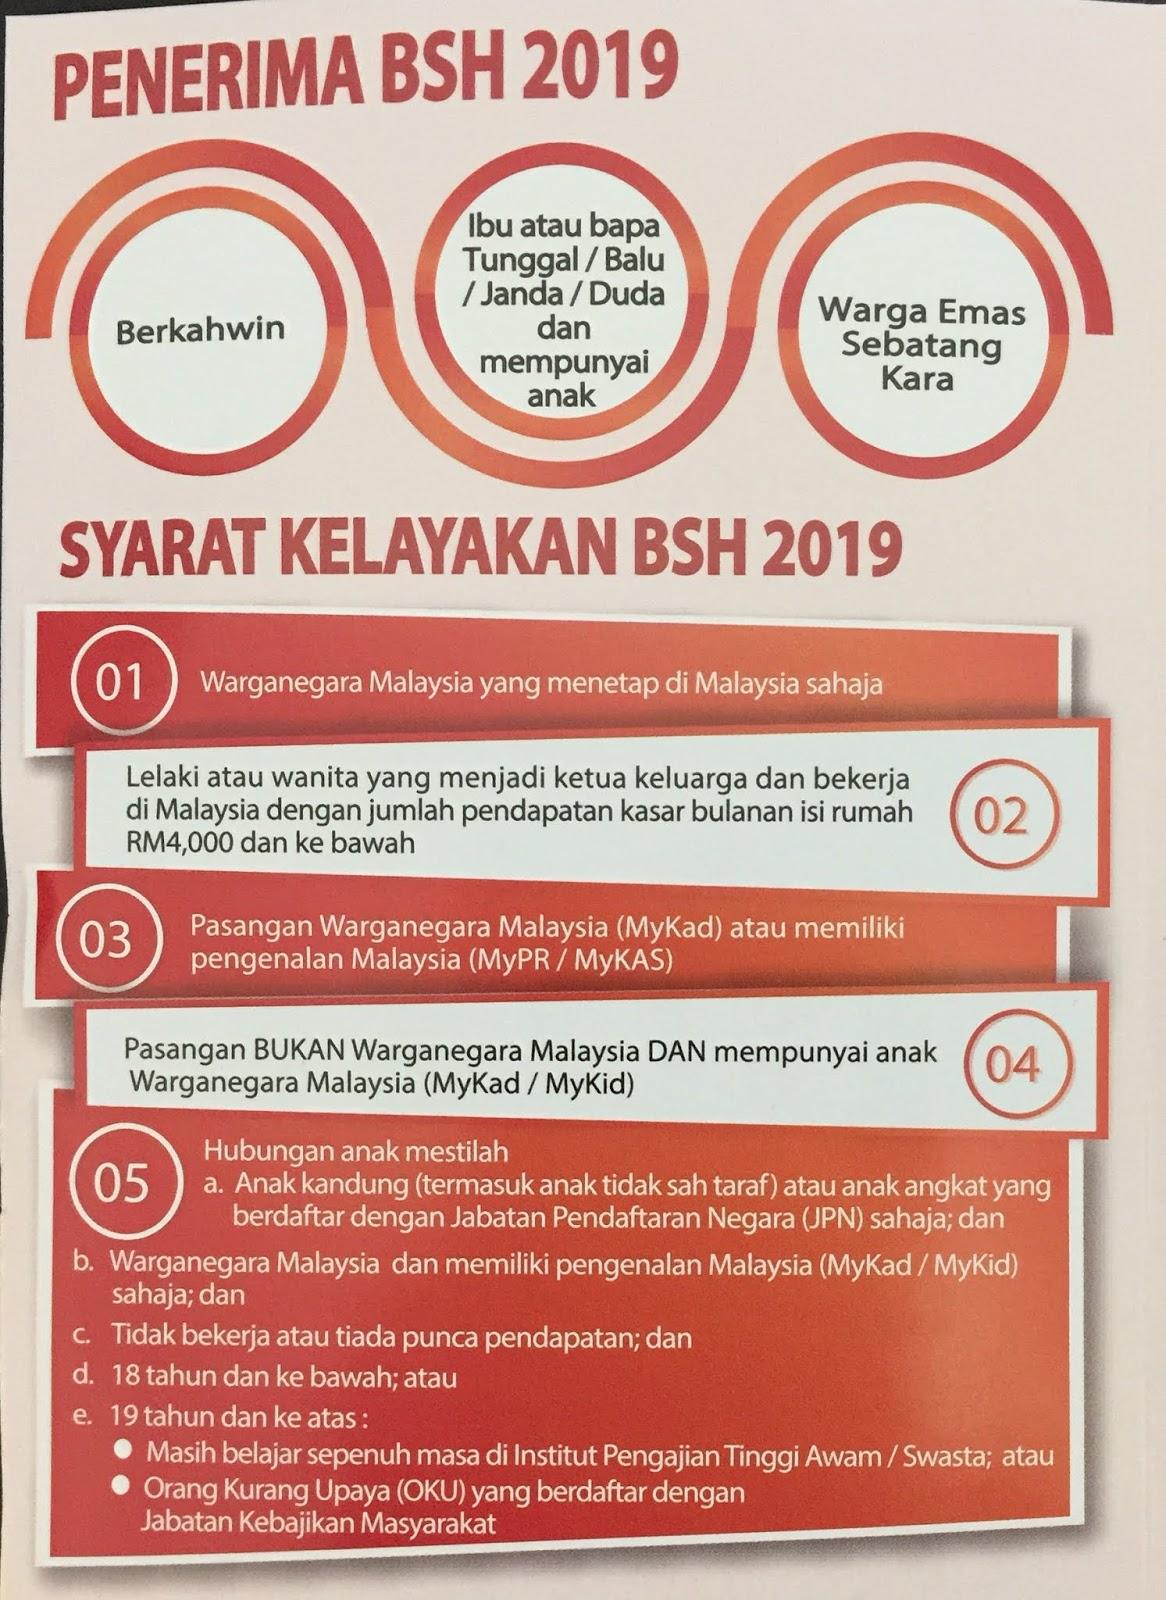 Bantuan Sara Hidup Bsh 2019 Dibuka Untuk Permohonan